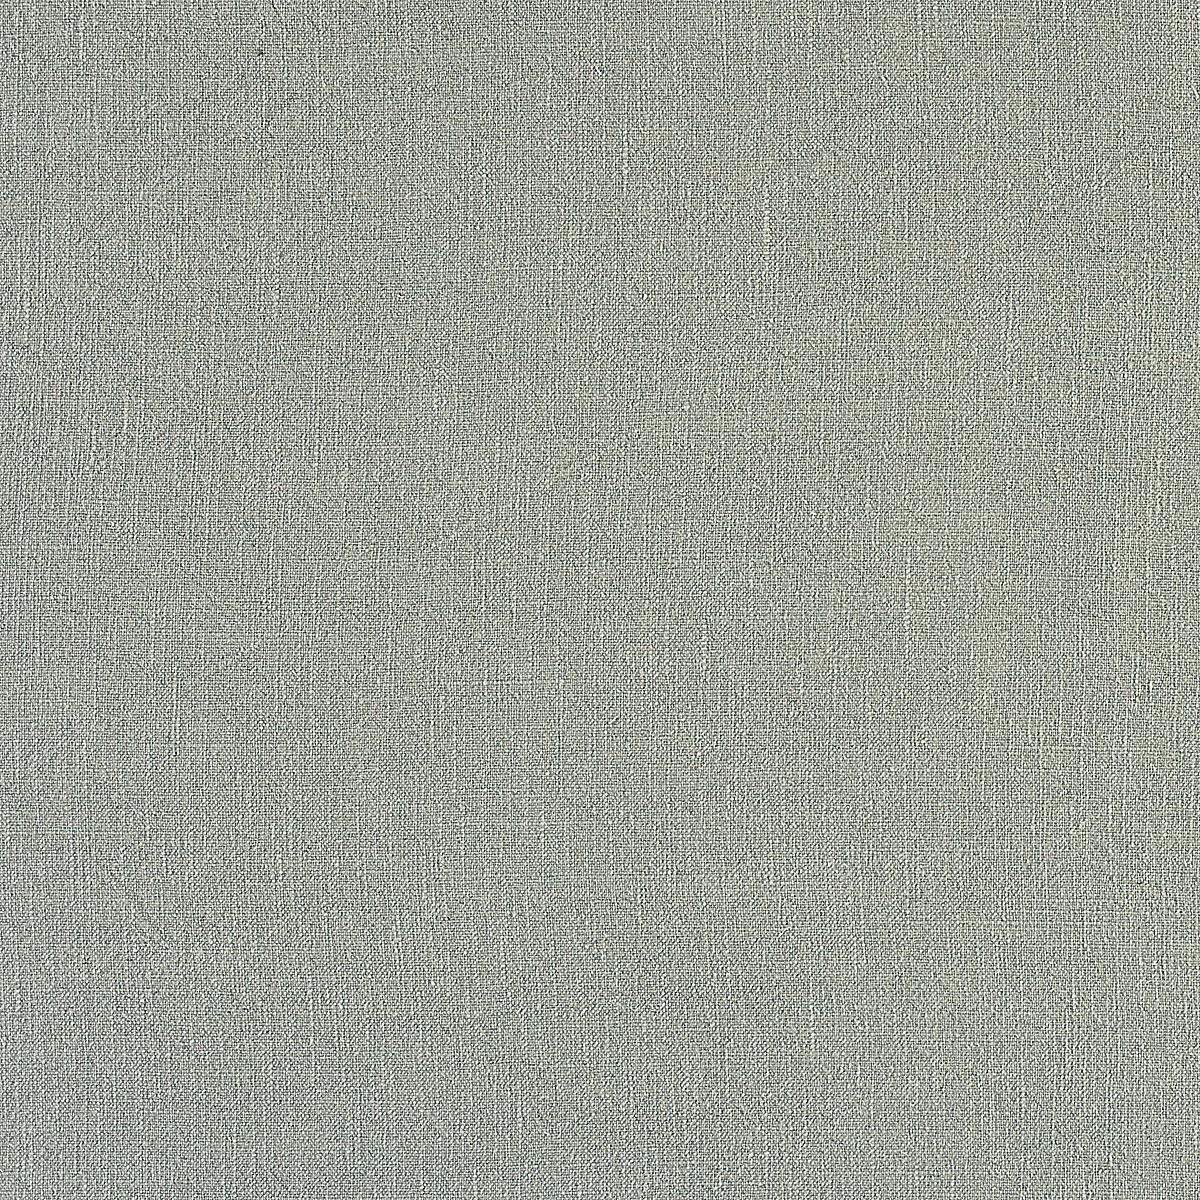 Laid-Back Linen: Slate (fabric yardage)